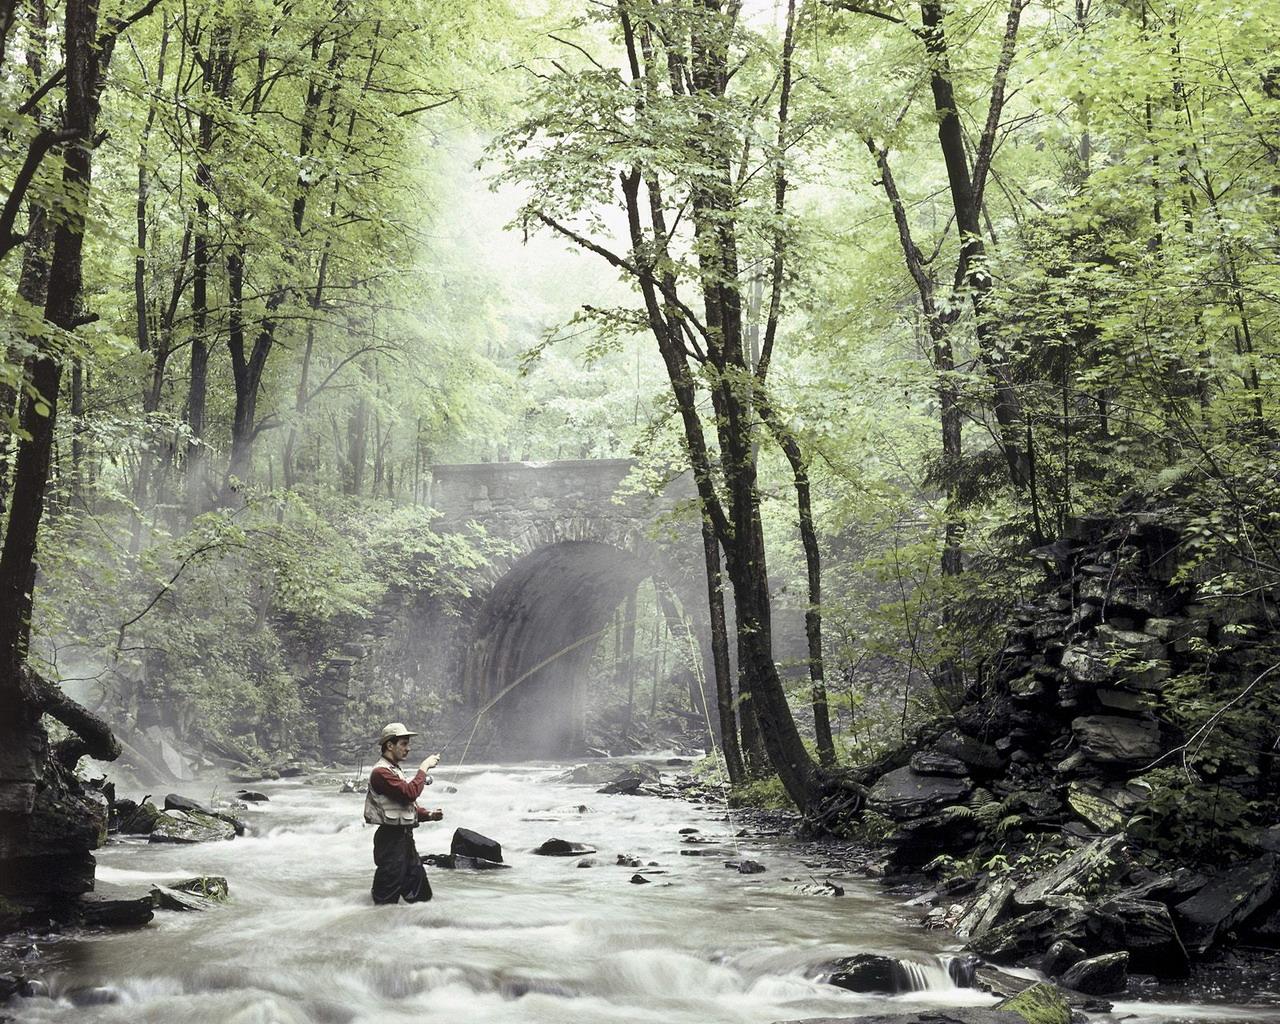 http://3.bp.blogspot.com/-MqPpvB_T4sg/TWKLAmgiBLI/AAAAAAAABcc/24hLNkoL3z8/s1600/Solitude.jpg